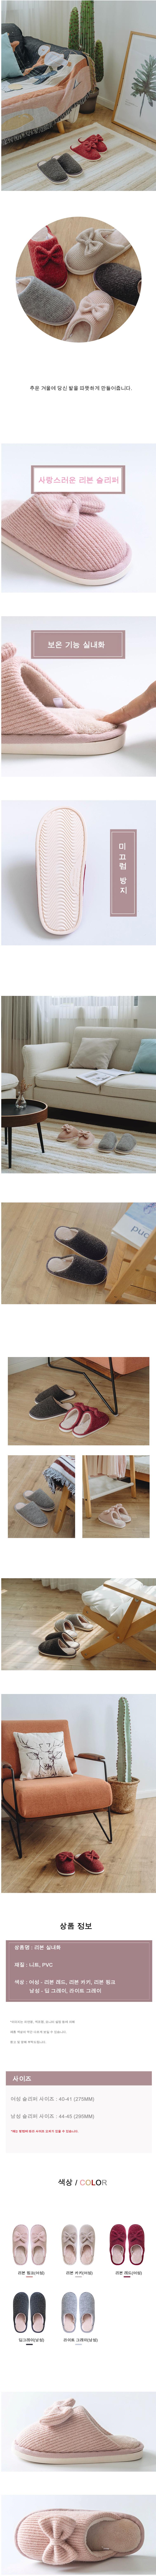 홈 커플 따뜻한 겨울 털 슬리퍼 거실화 극세사 실내화 - 오너클랜, 14,900원, 슬리퍼/거실화, 덮개형